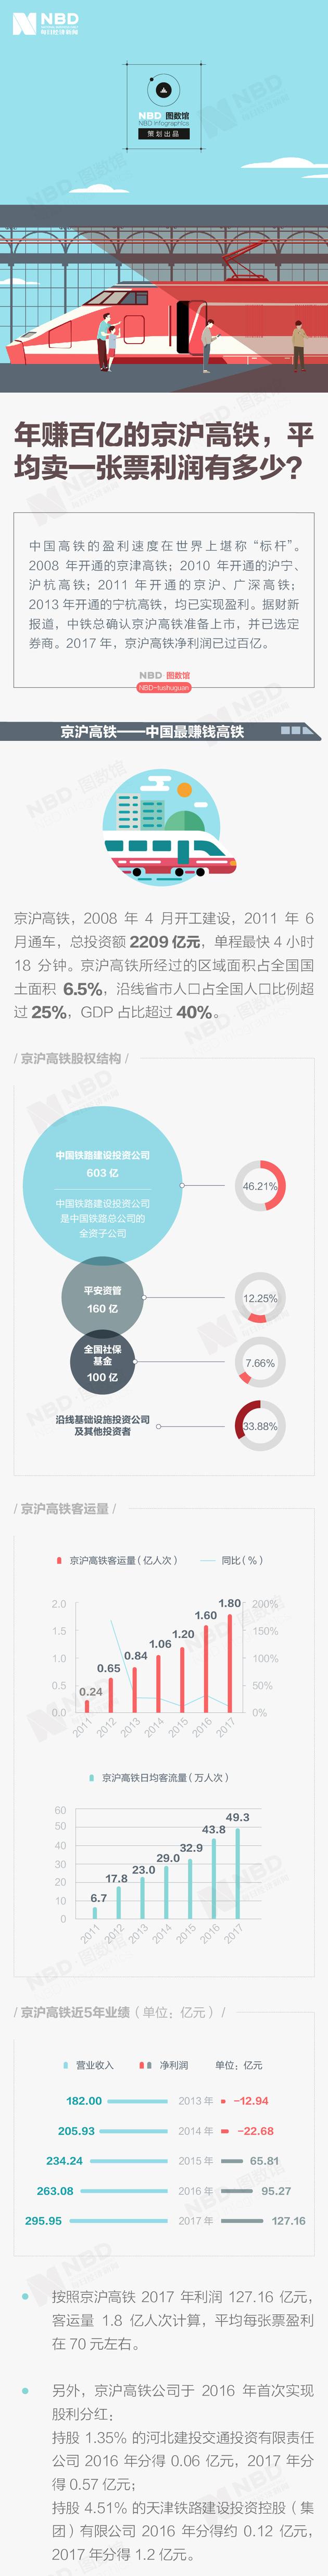 年赚百亿的京沪高铁:平均卖一张票利润有多少